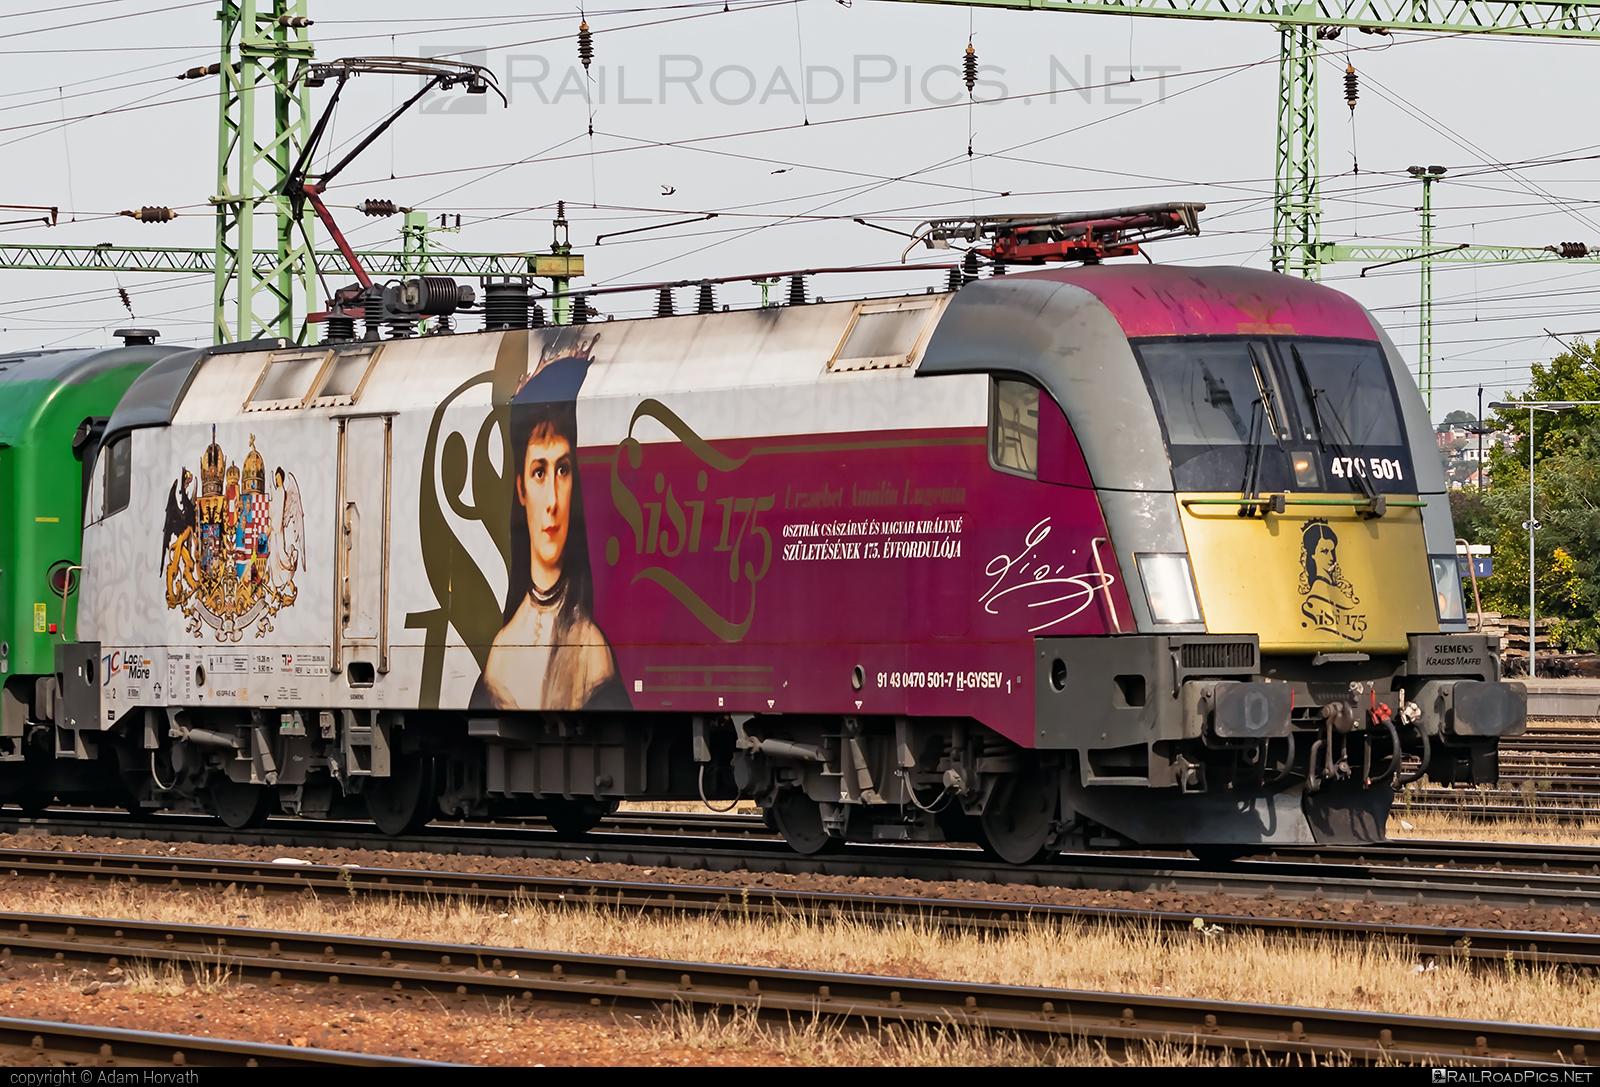 Siemens ES 64 U2 - 470 501 operated by GYSEV - Györ-Sopron-Ebenfurti Vasut Részvénytarsasag #es64 #es64u #es64u2 #eurosprinter #gyorsopronebenfurtivasutreszvenytarsasag #gysev #siemens #siemenses64 #siemenses64u #siemenses64u2 #siemenstaurus #taurus #tauruslocomotive